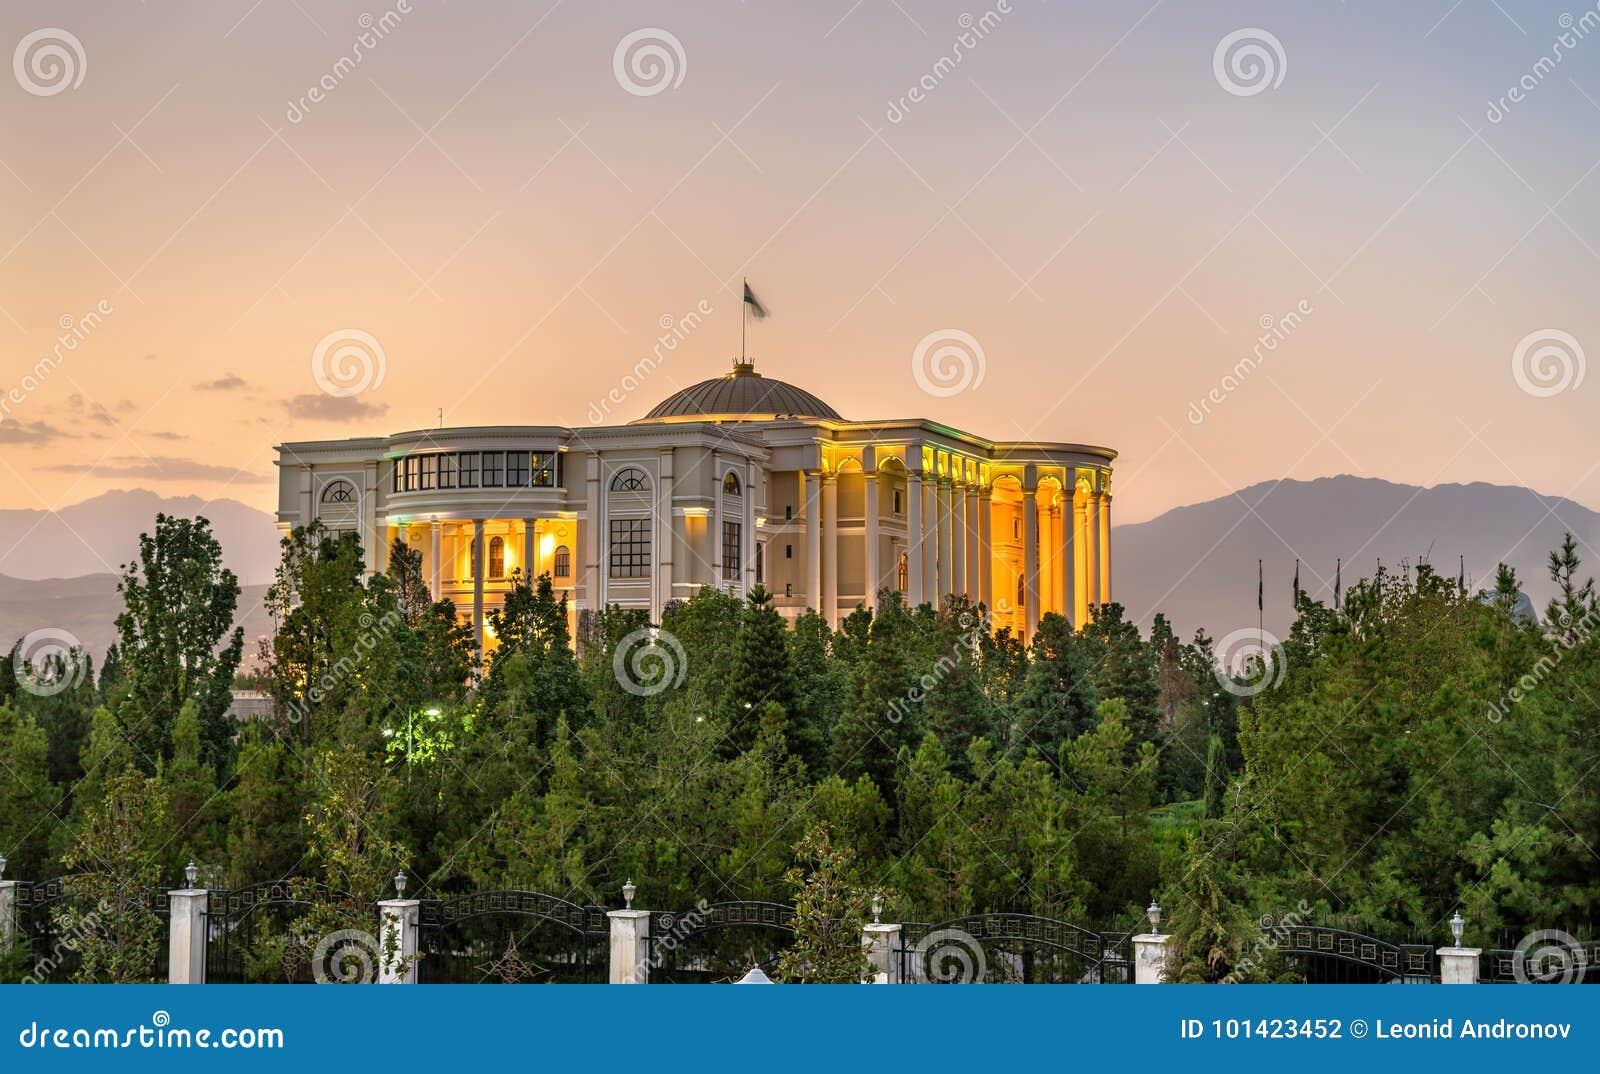 Palacio de naciones, la residencia del presidente de Tayikistán, en Dushanbe